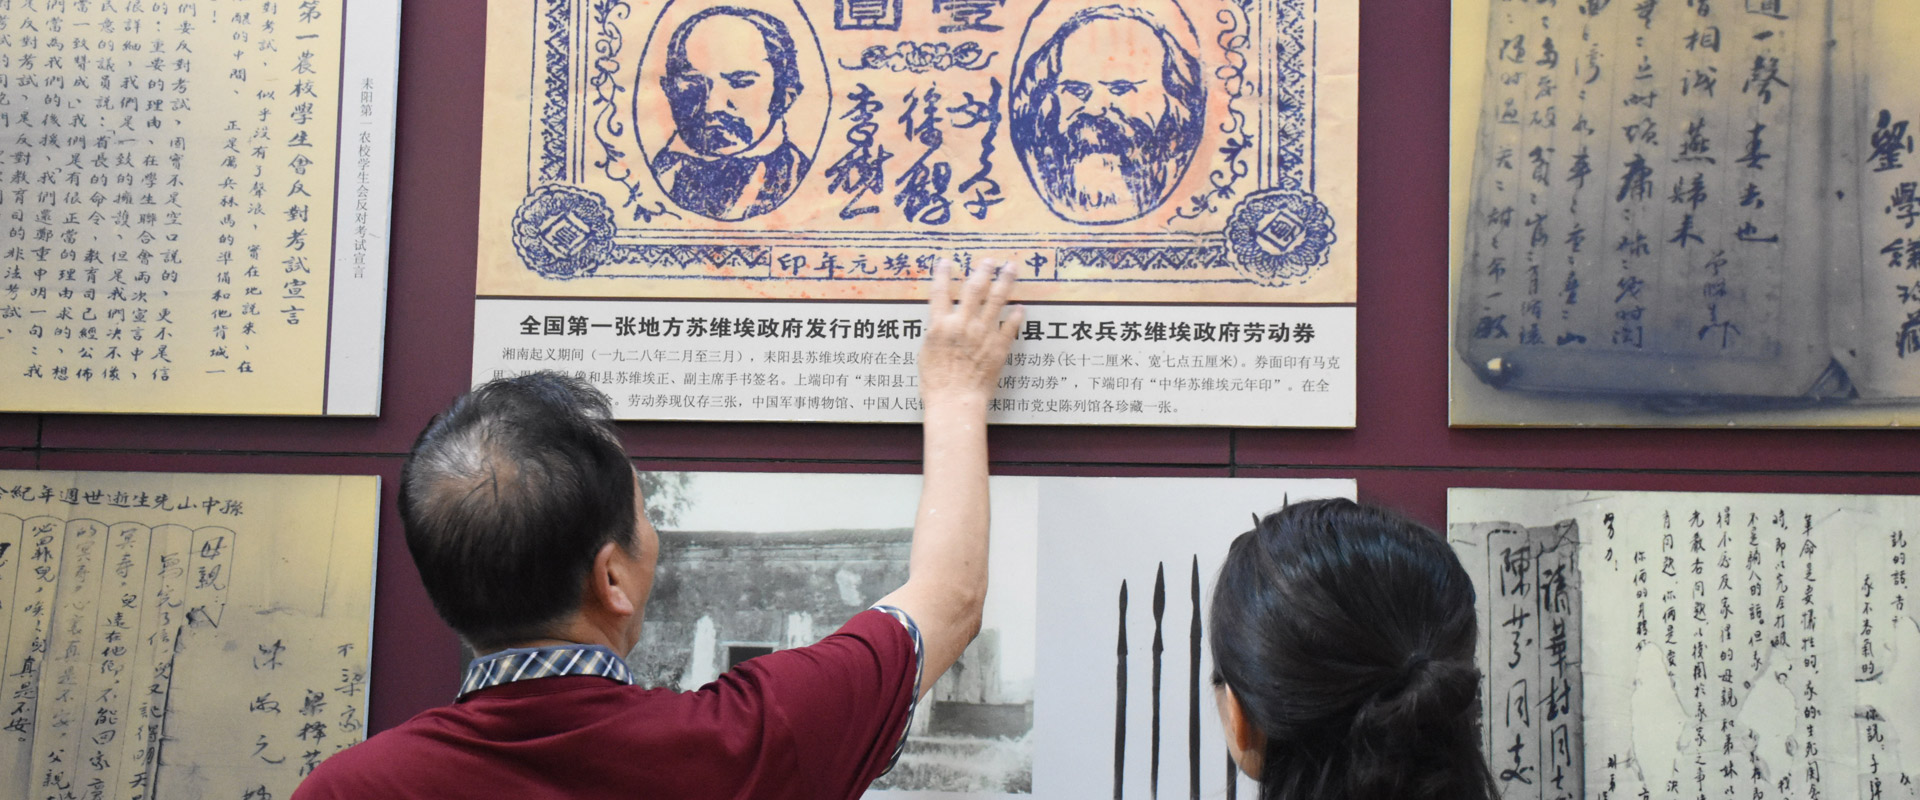 耒阳党史陈列馆,耒阳市委党史办工作人员在介绍劳动券。